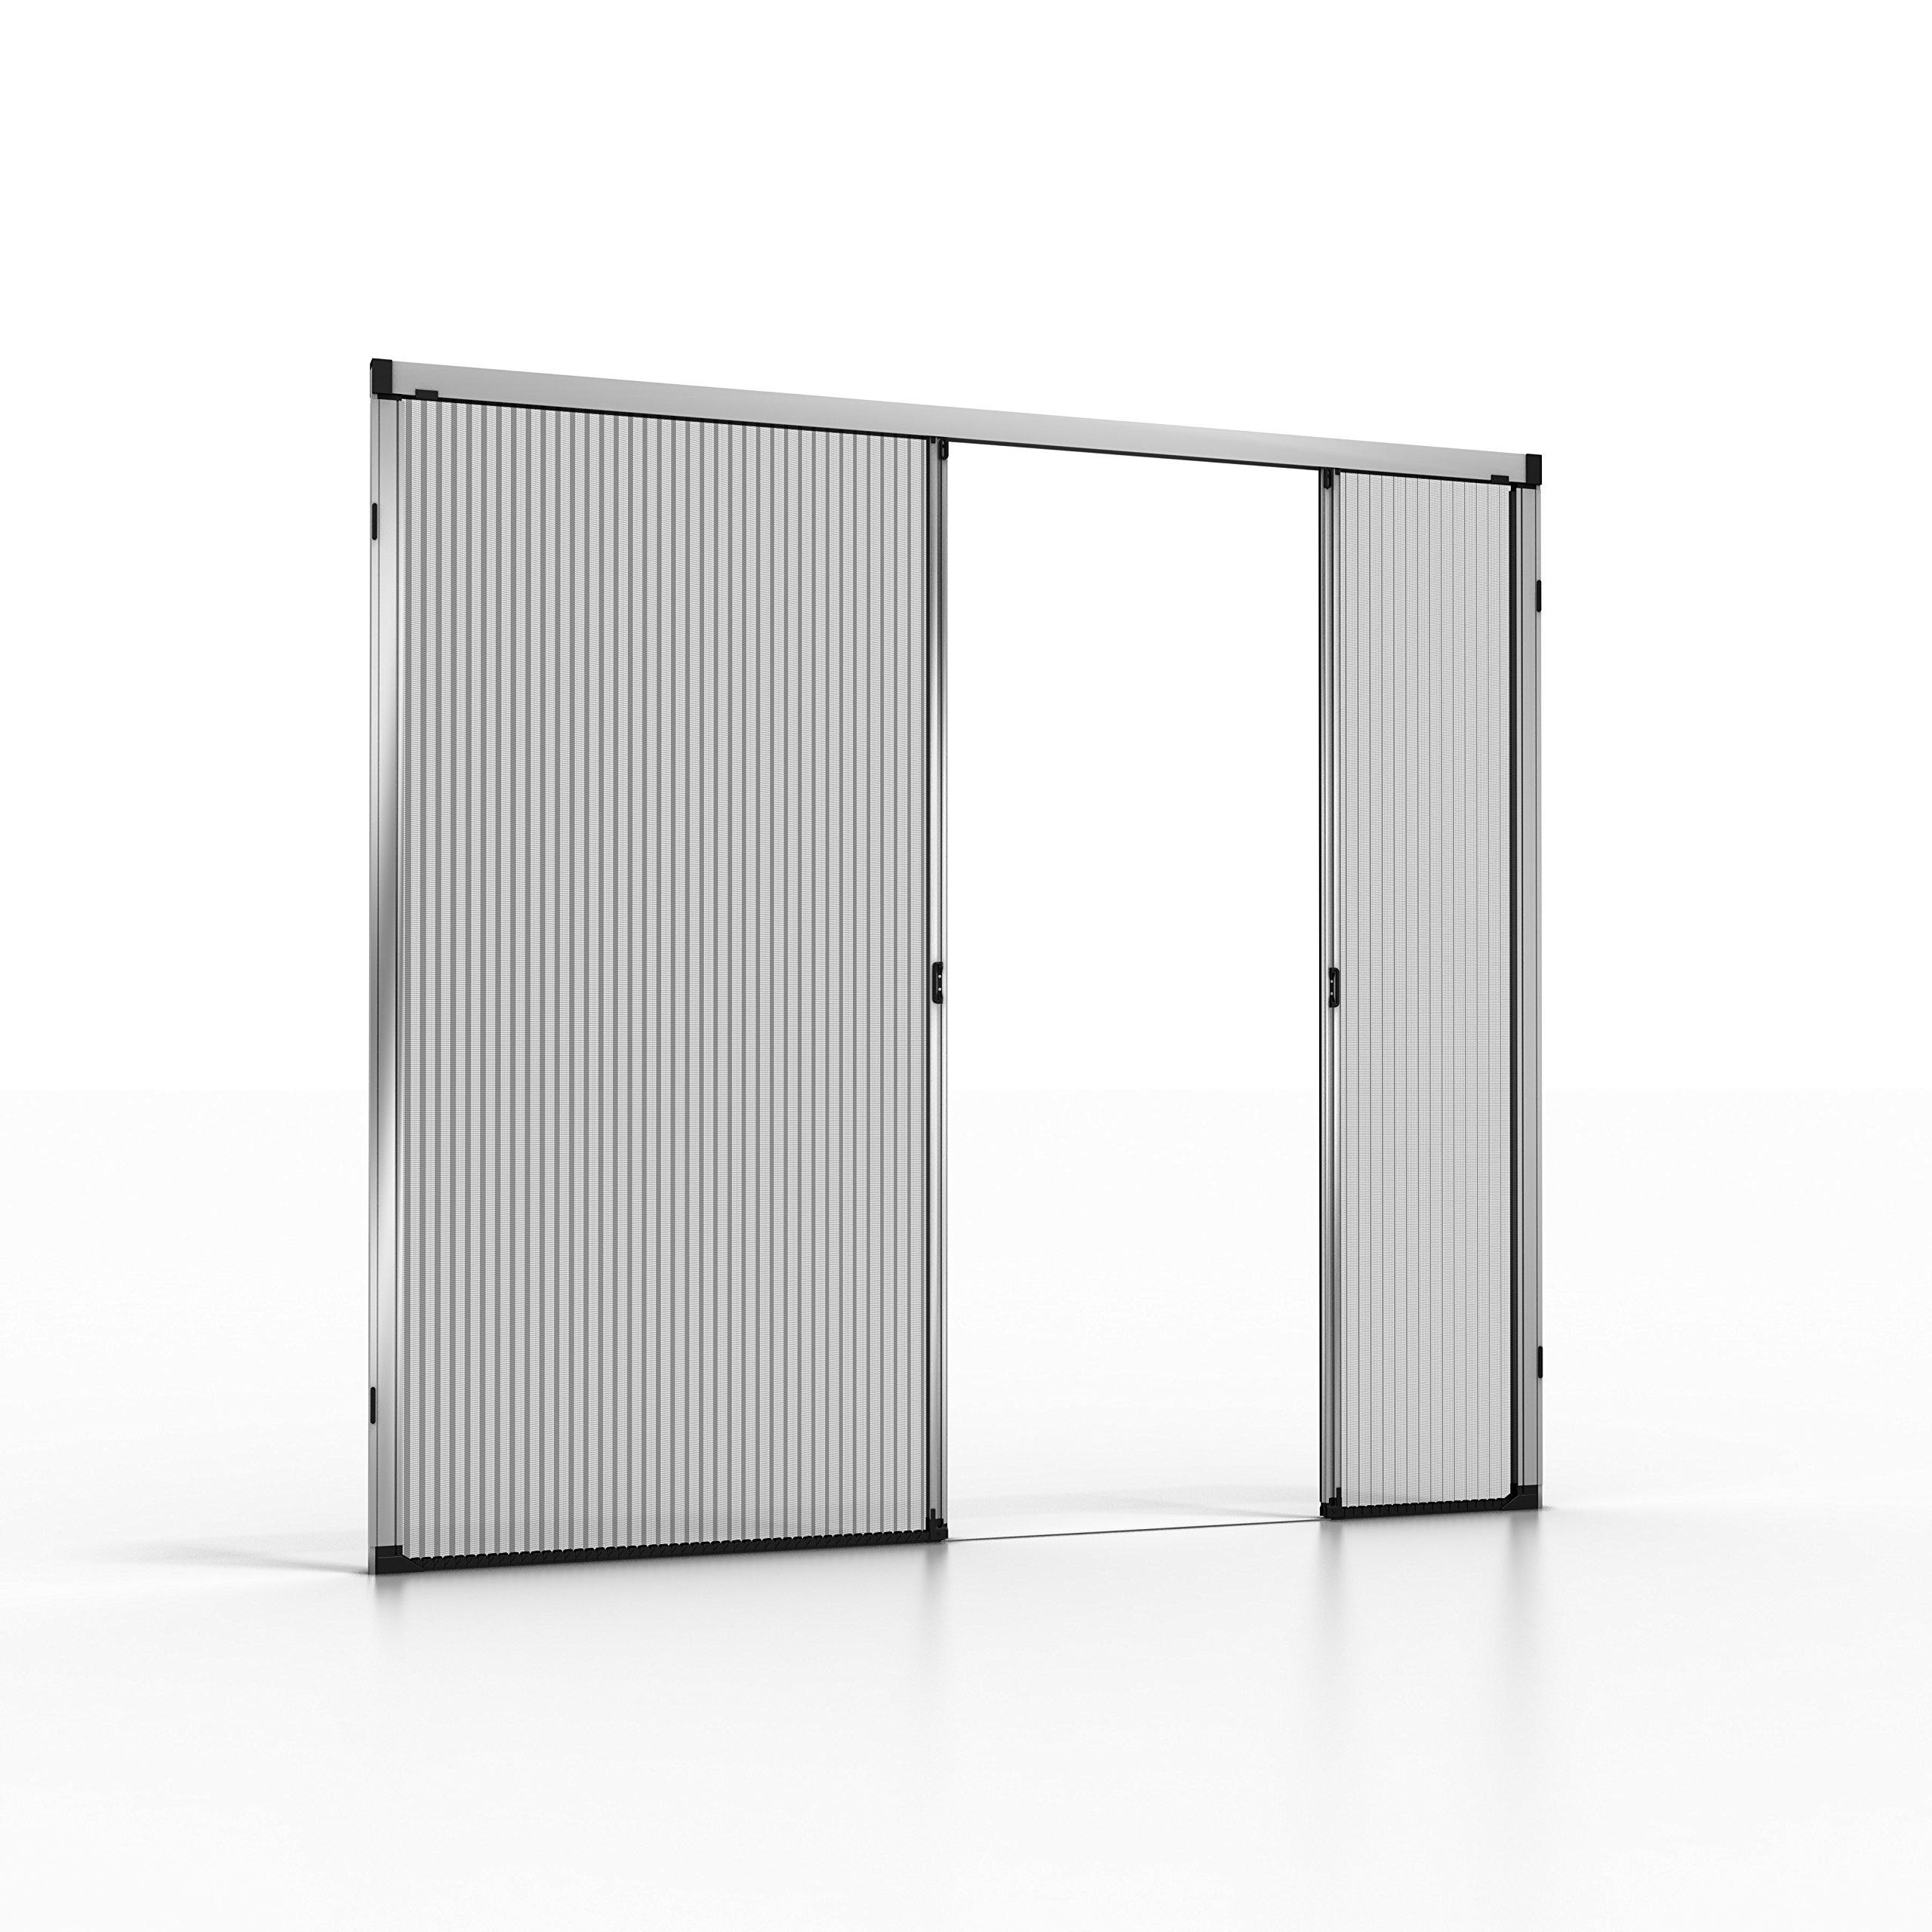 noflystore Platinum. 01 medida plisada Fly pantallas para puertas y ventanas, aluminio, negro, 75 x 190 cm: Amazon.es: Hogar